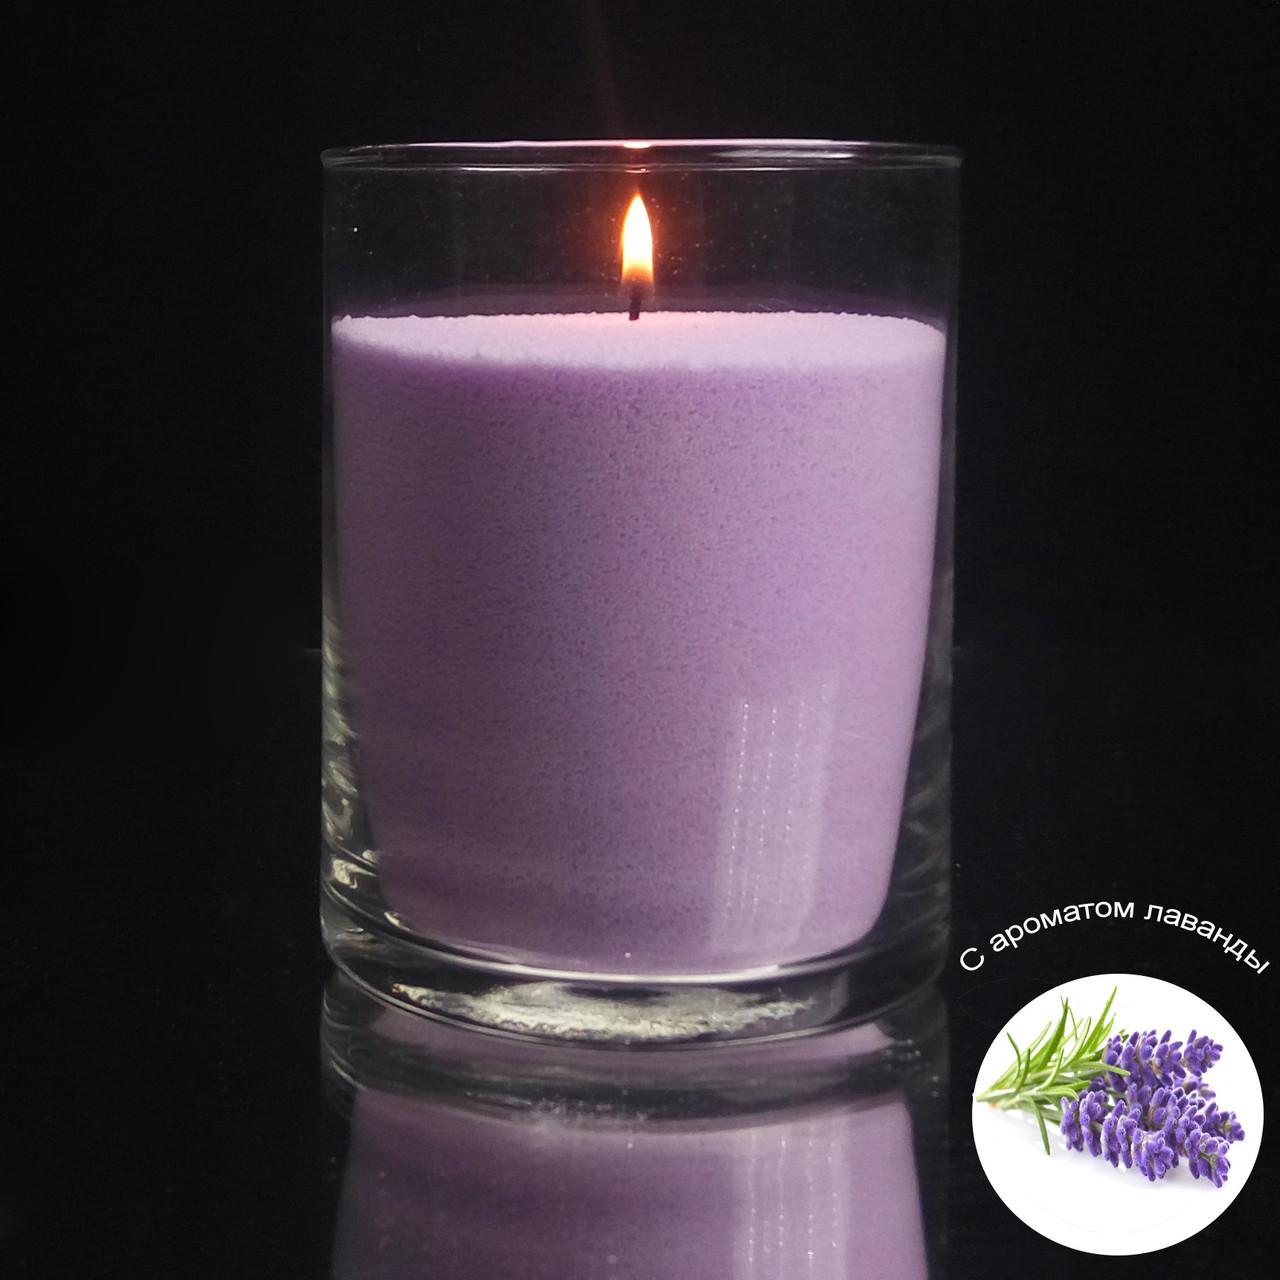 Ароматизированные сиреневые насыпные свечи, с запахом лаванды 1 кг + 1 м фитиля, фото 1